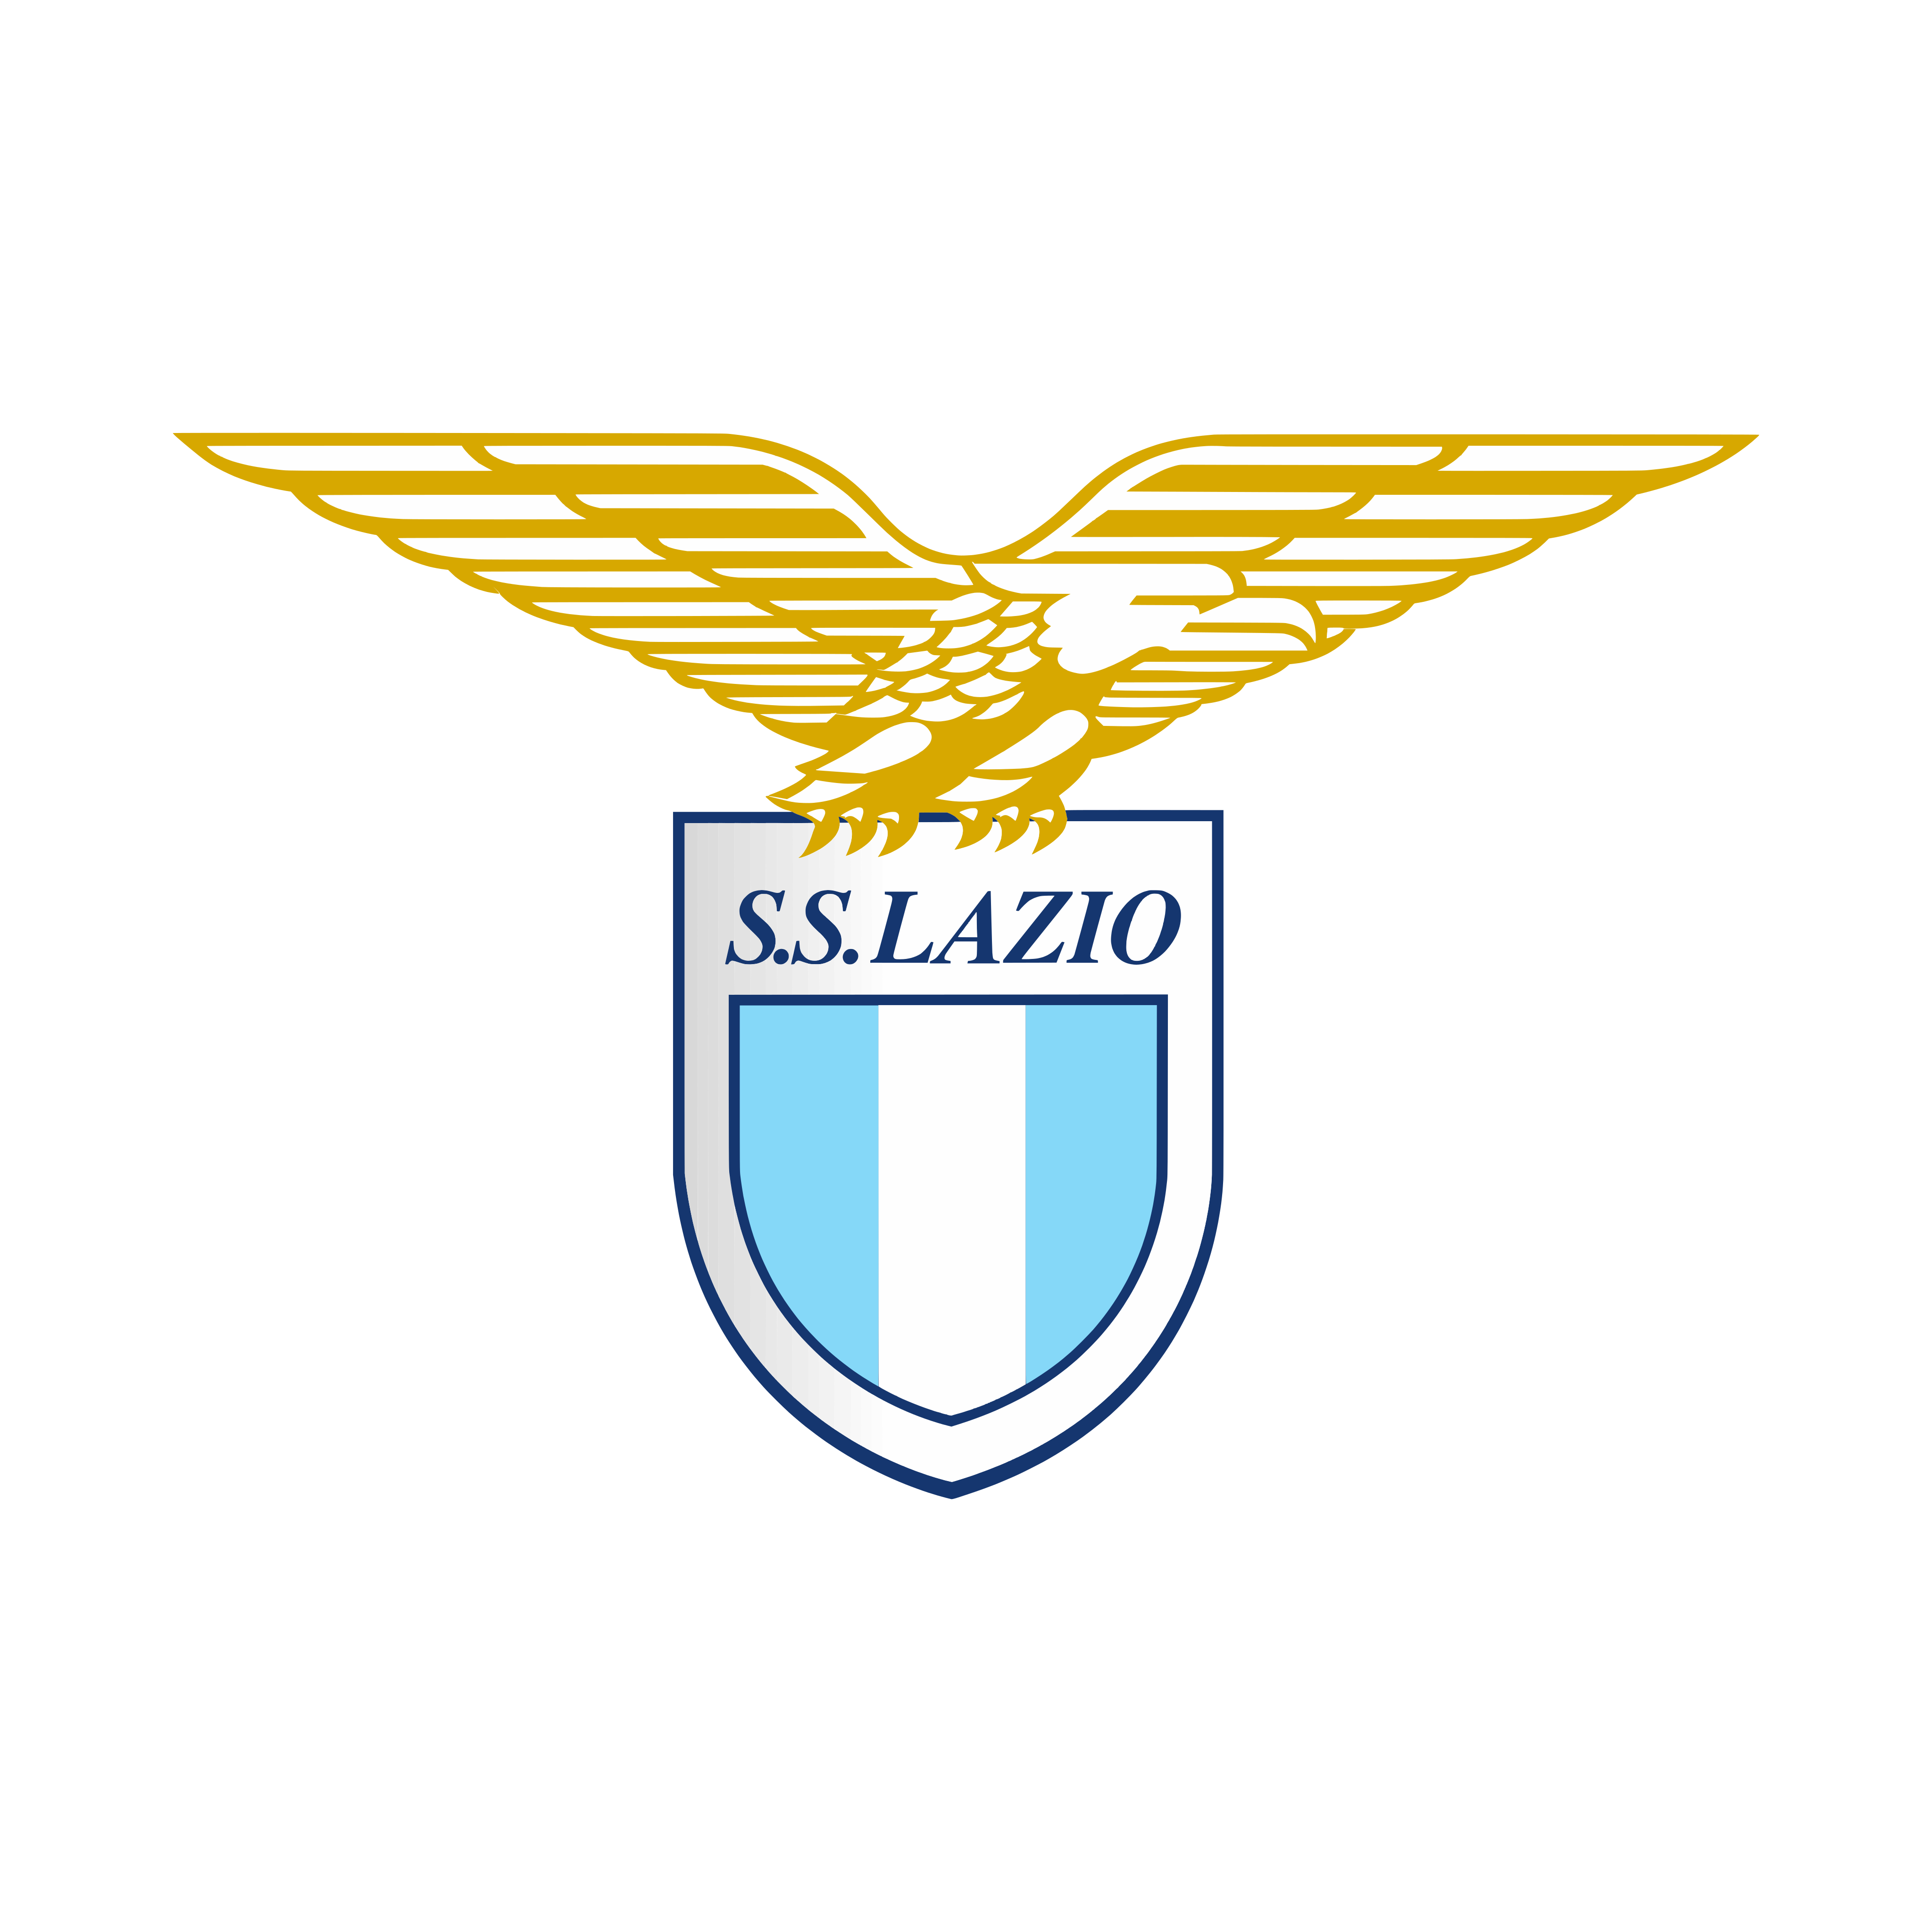 lazio logo 0 - SS Lazio Logo